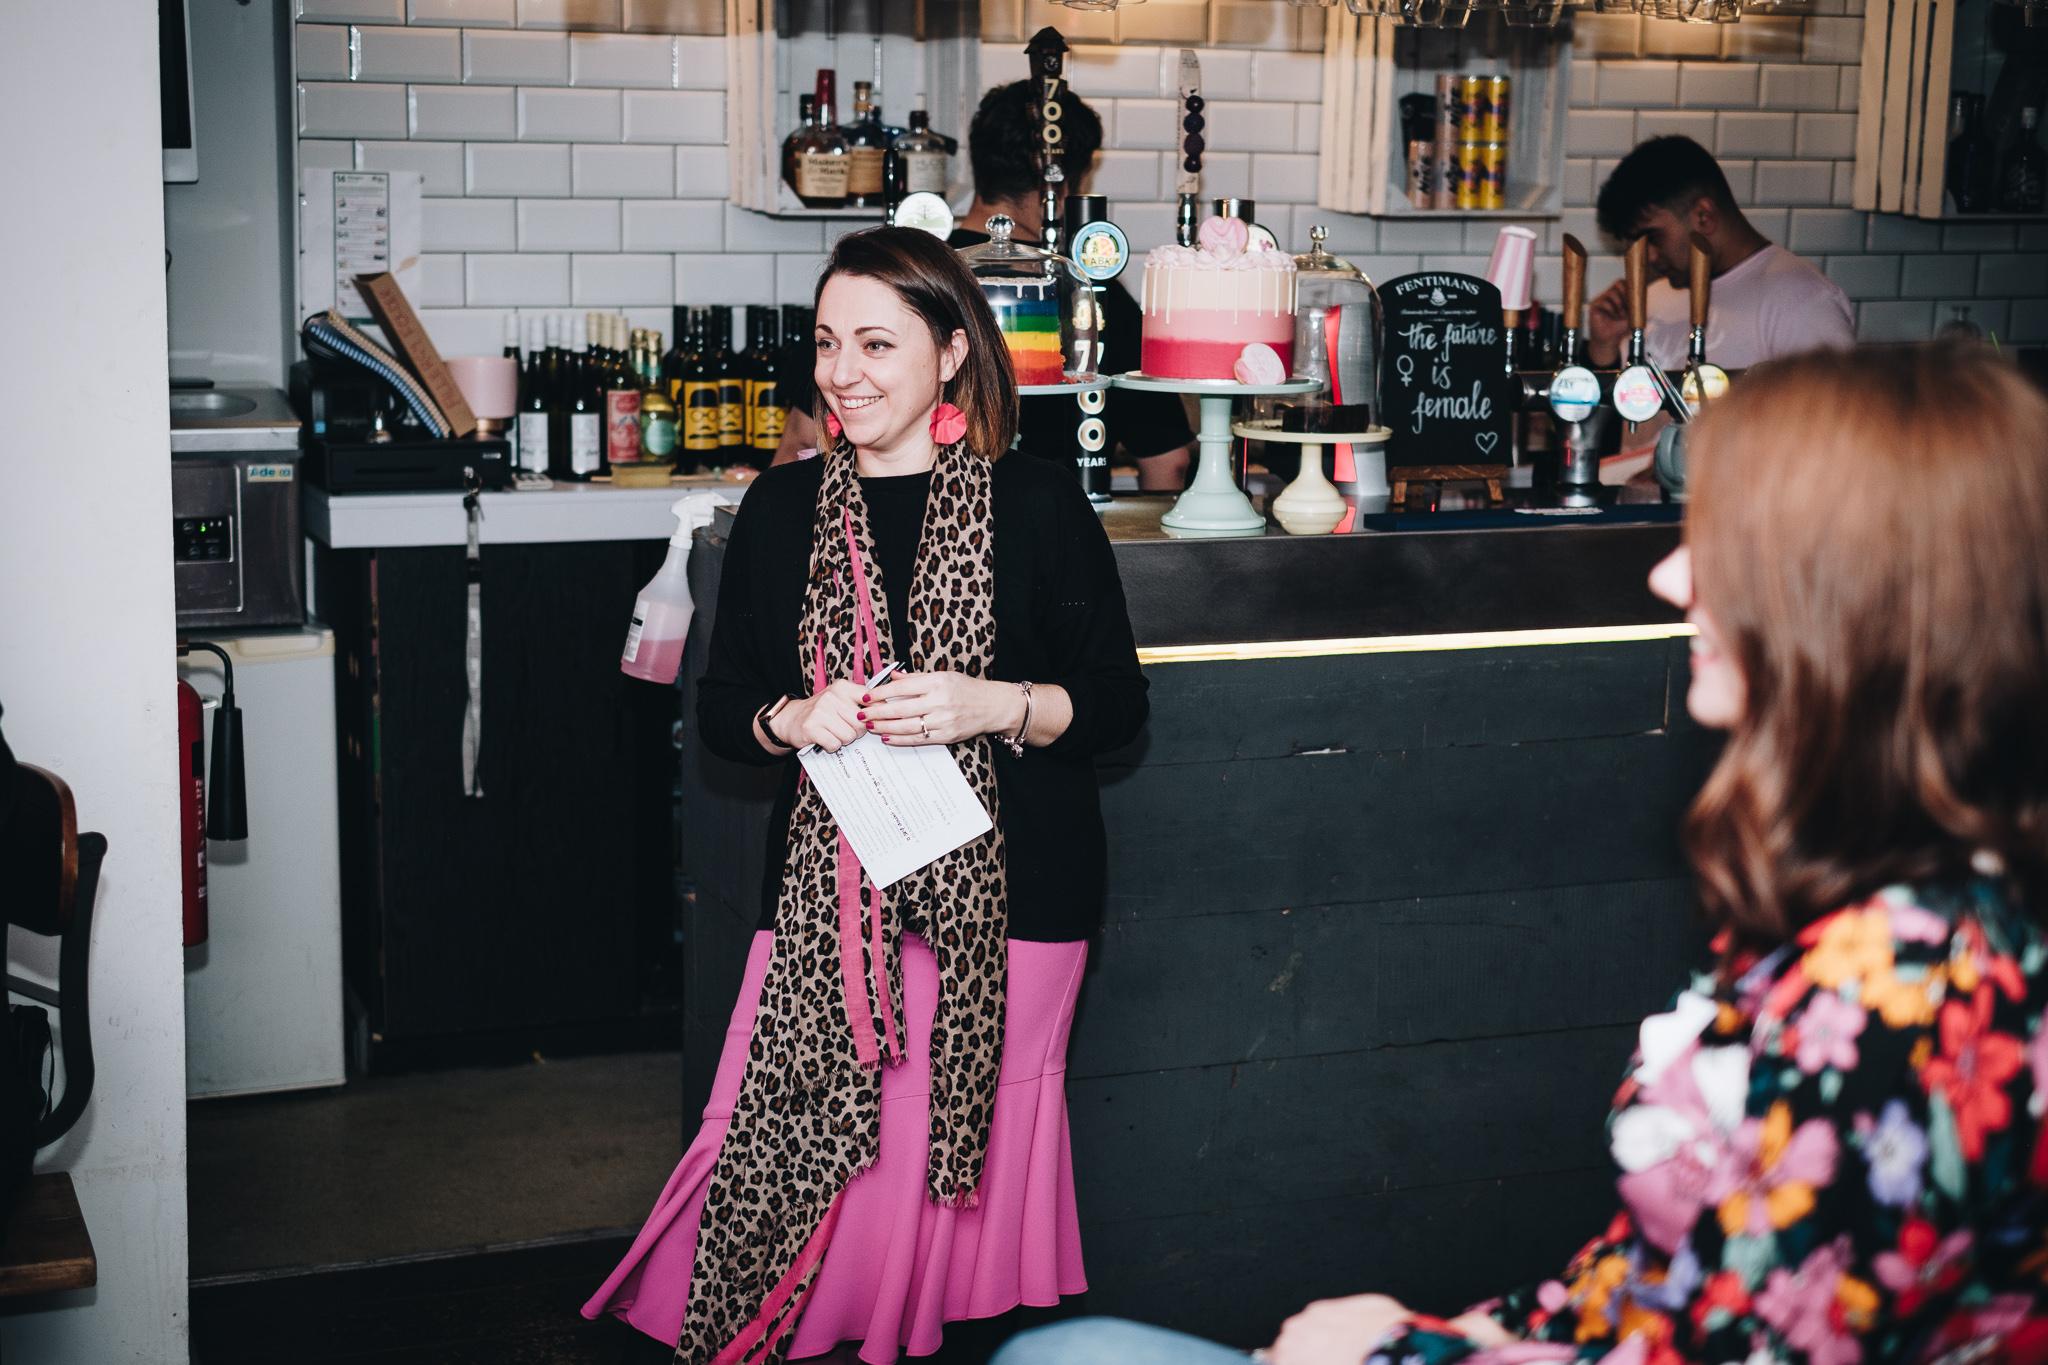 Cloud Femme 88 Event Photographer Warwickshire